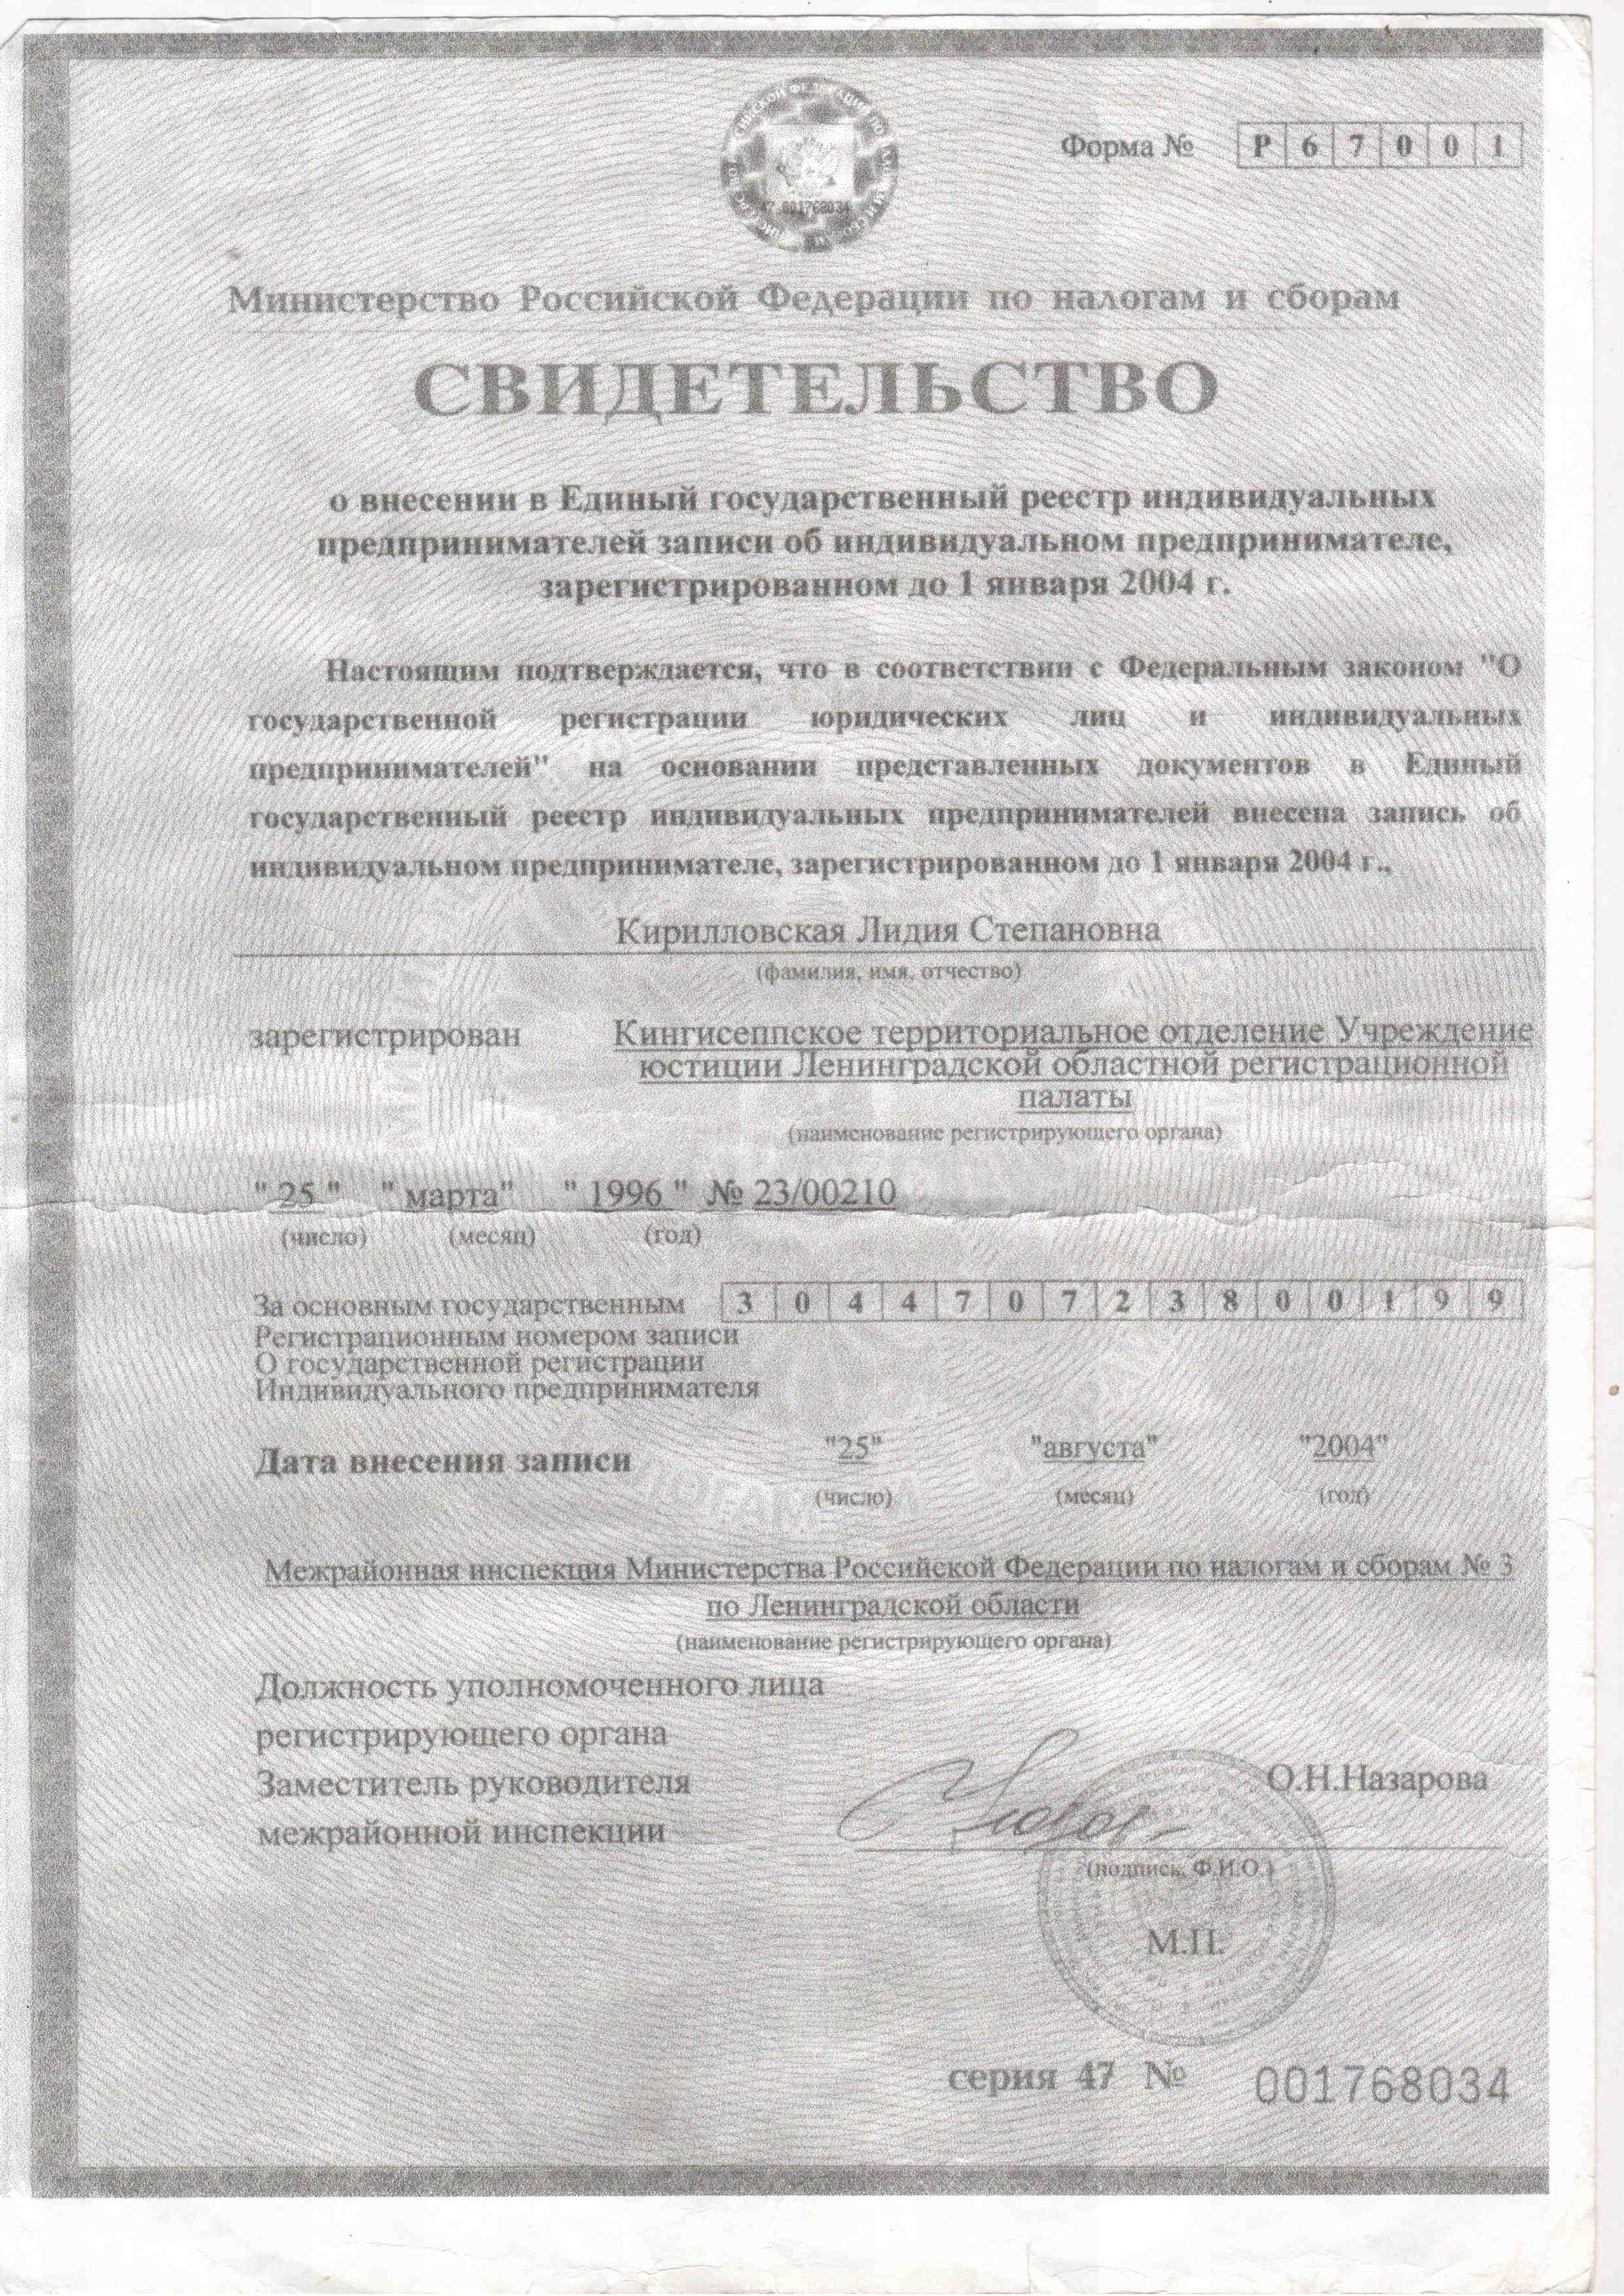 Свидетельство о государственной регистрации ИП